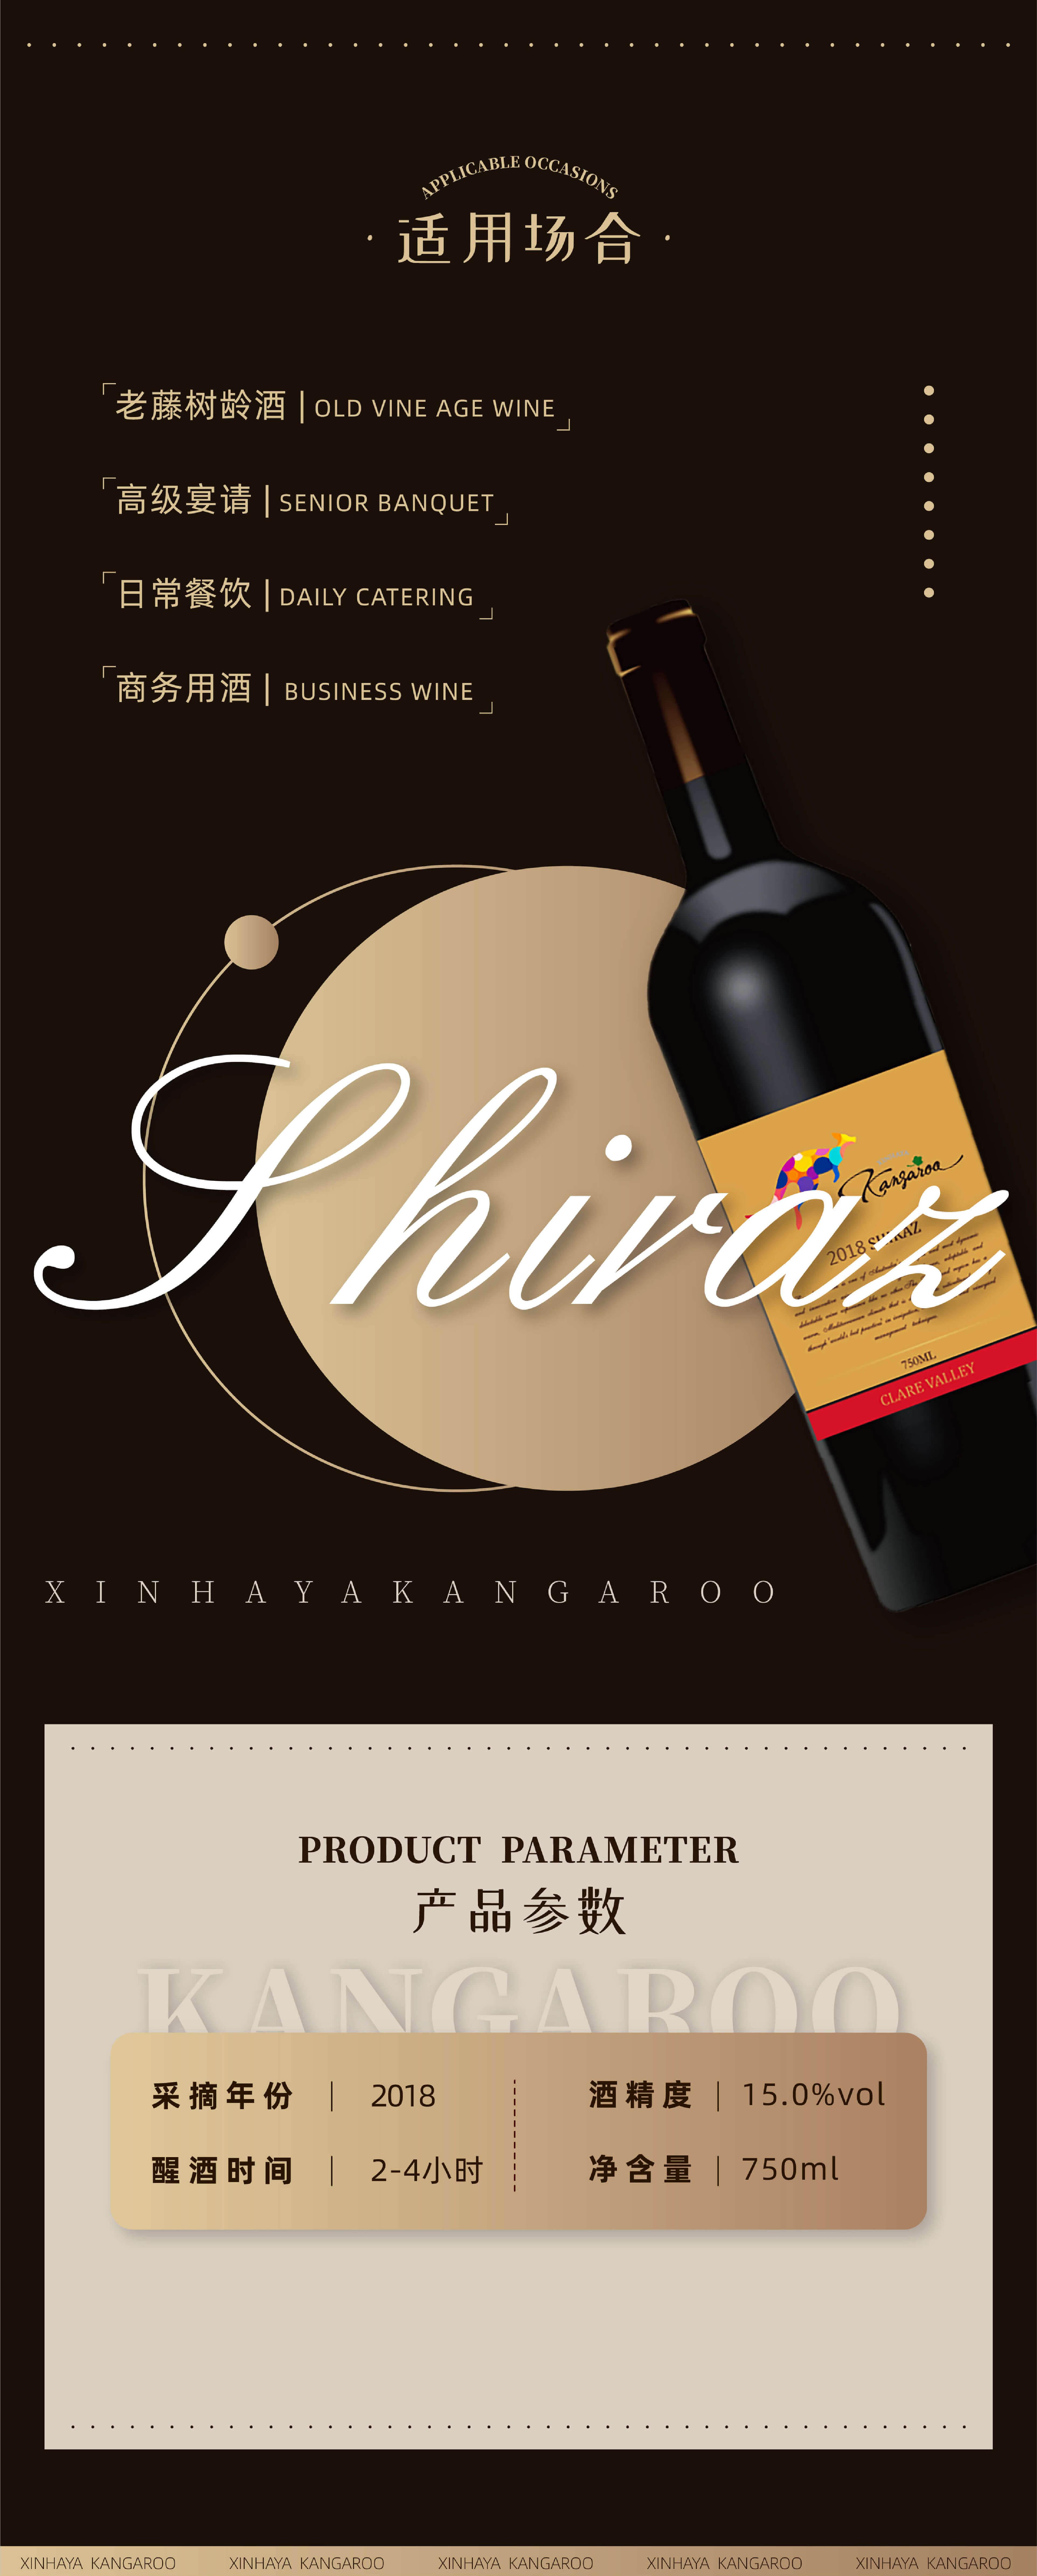 老藤西拉红葡萄酒2018